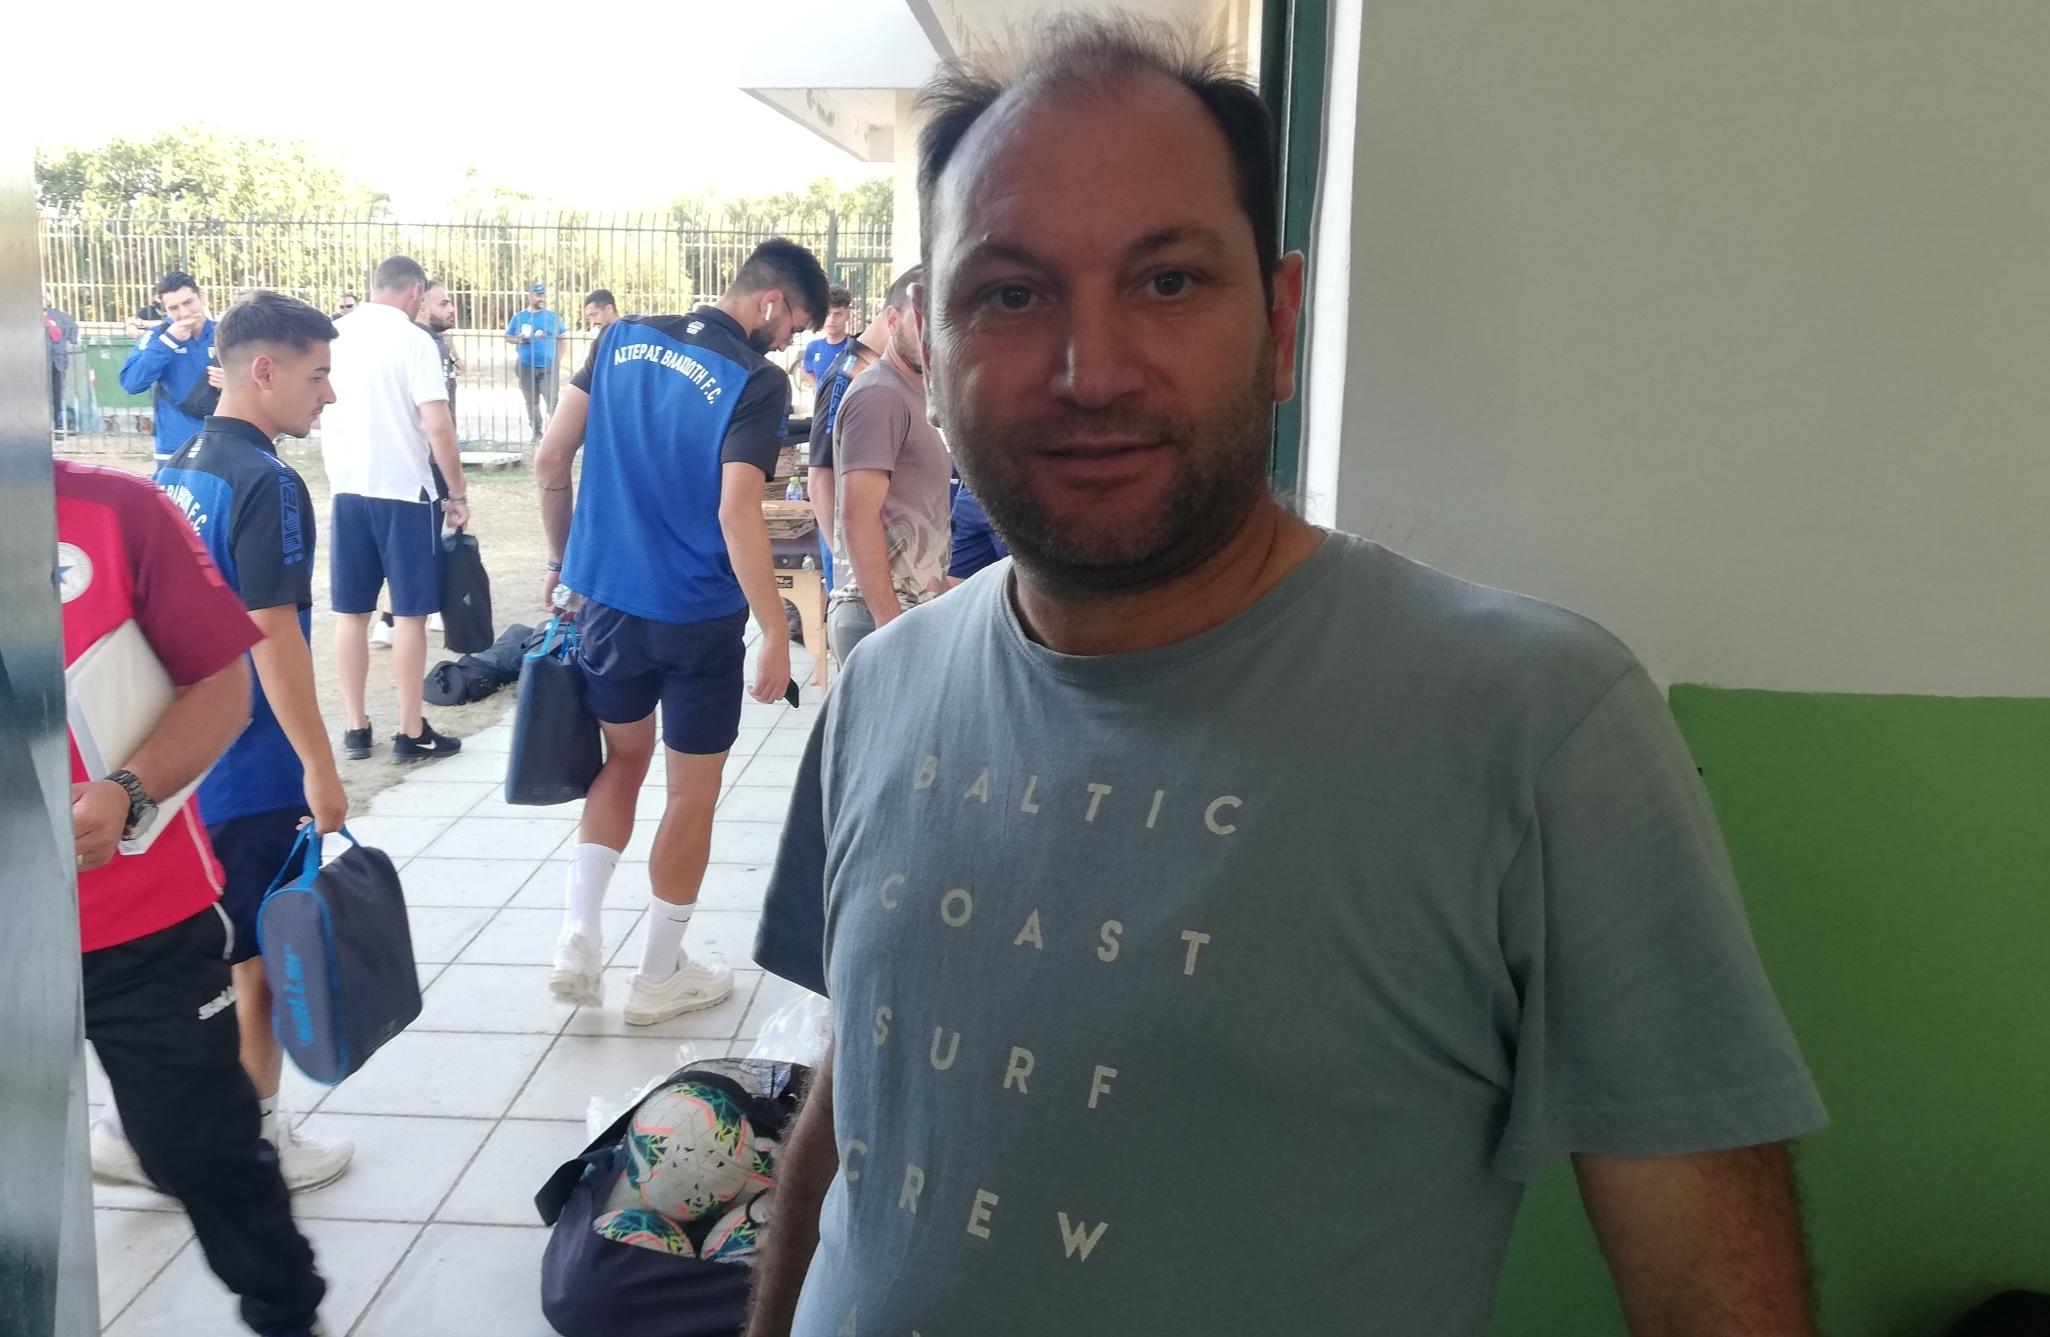 Επίσημο: Επιστρέφει στην Σπάρτη ο Πέτρος Μαρτσούκος…